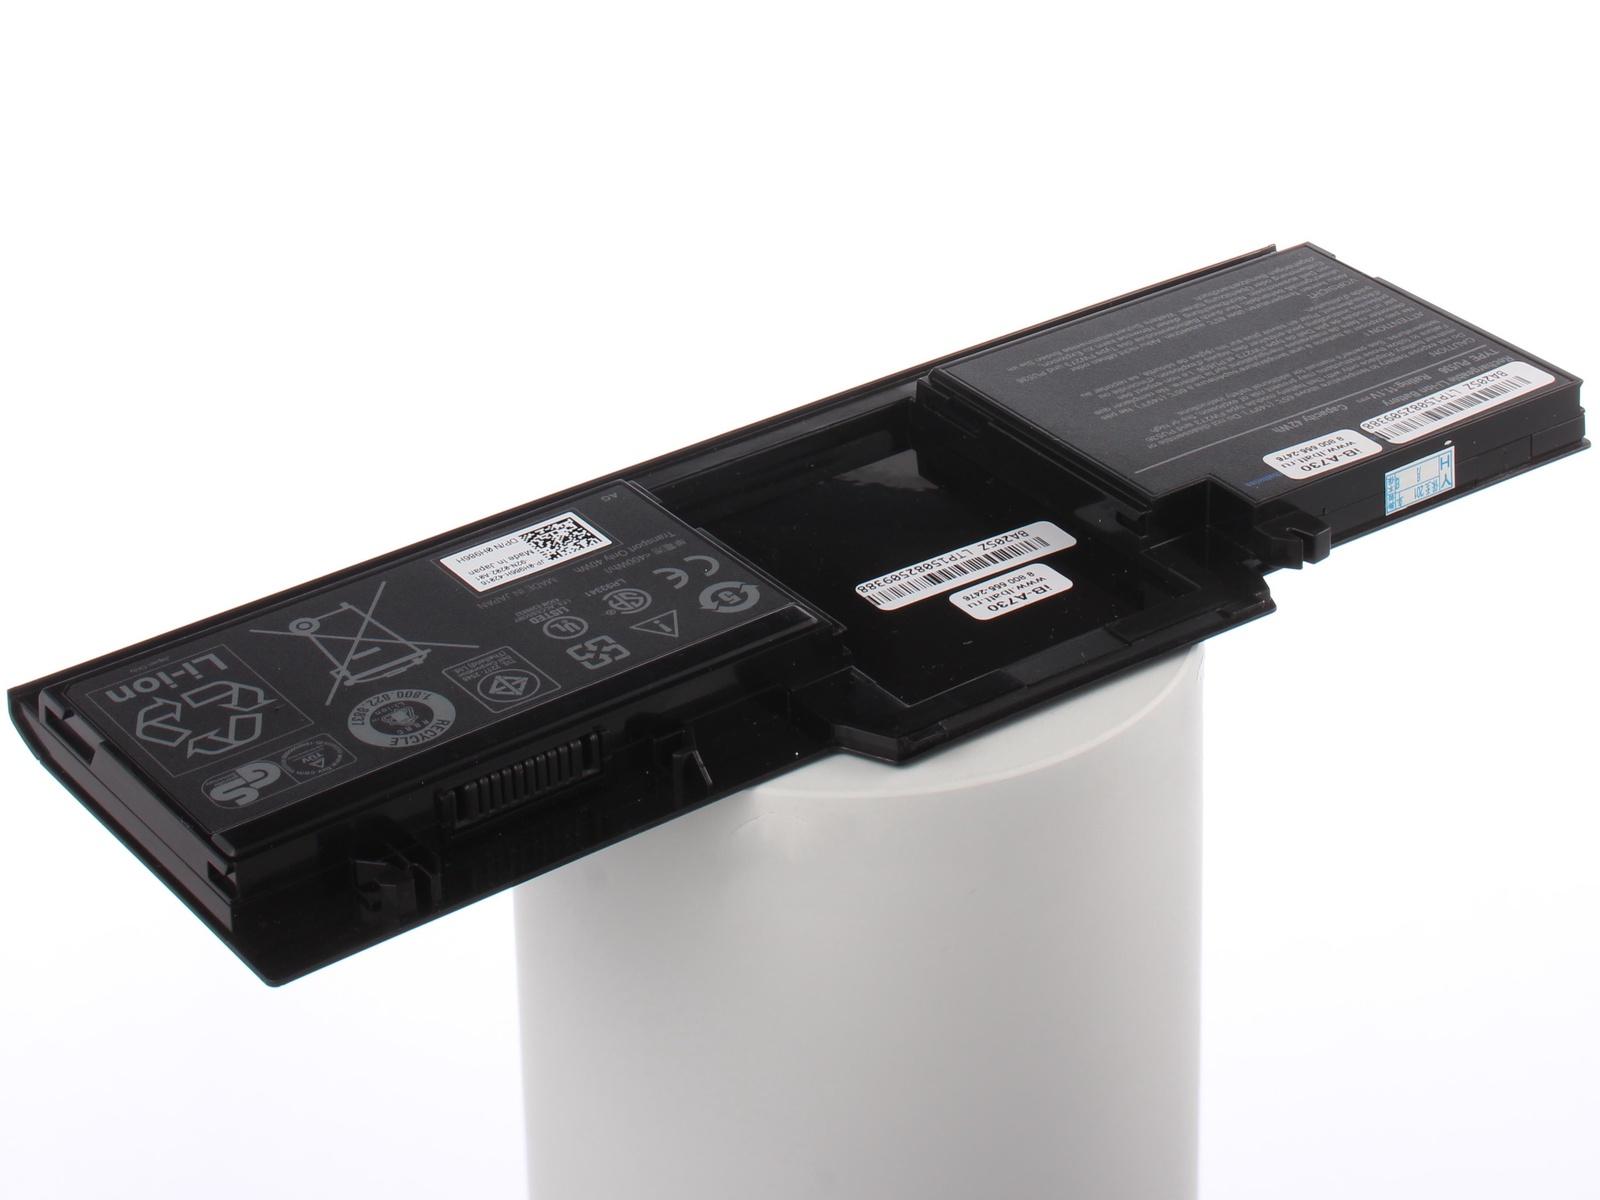 Аккумулятор для ноутбука iBatt Dell MR317, WR015, PU501, M565H, 312-0652, MR369 аккумулятор для ноутбука hp compaq hstnn lb12 hstnn ib12 hstnn c02c hstnn ub12 hstnn ib27 nc4200 nc4400 tc4200 6cell tc4400 hstnn ib12